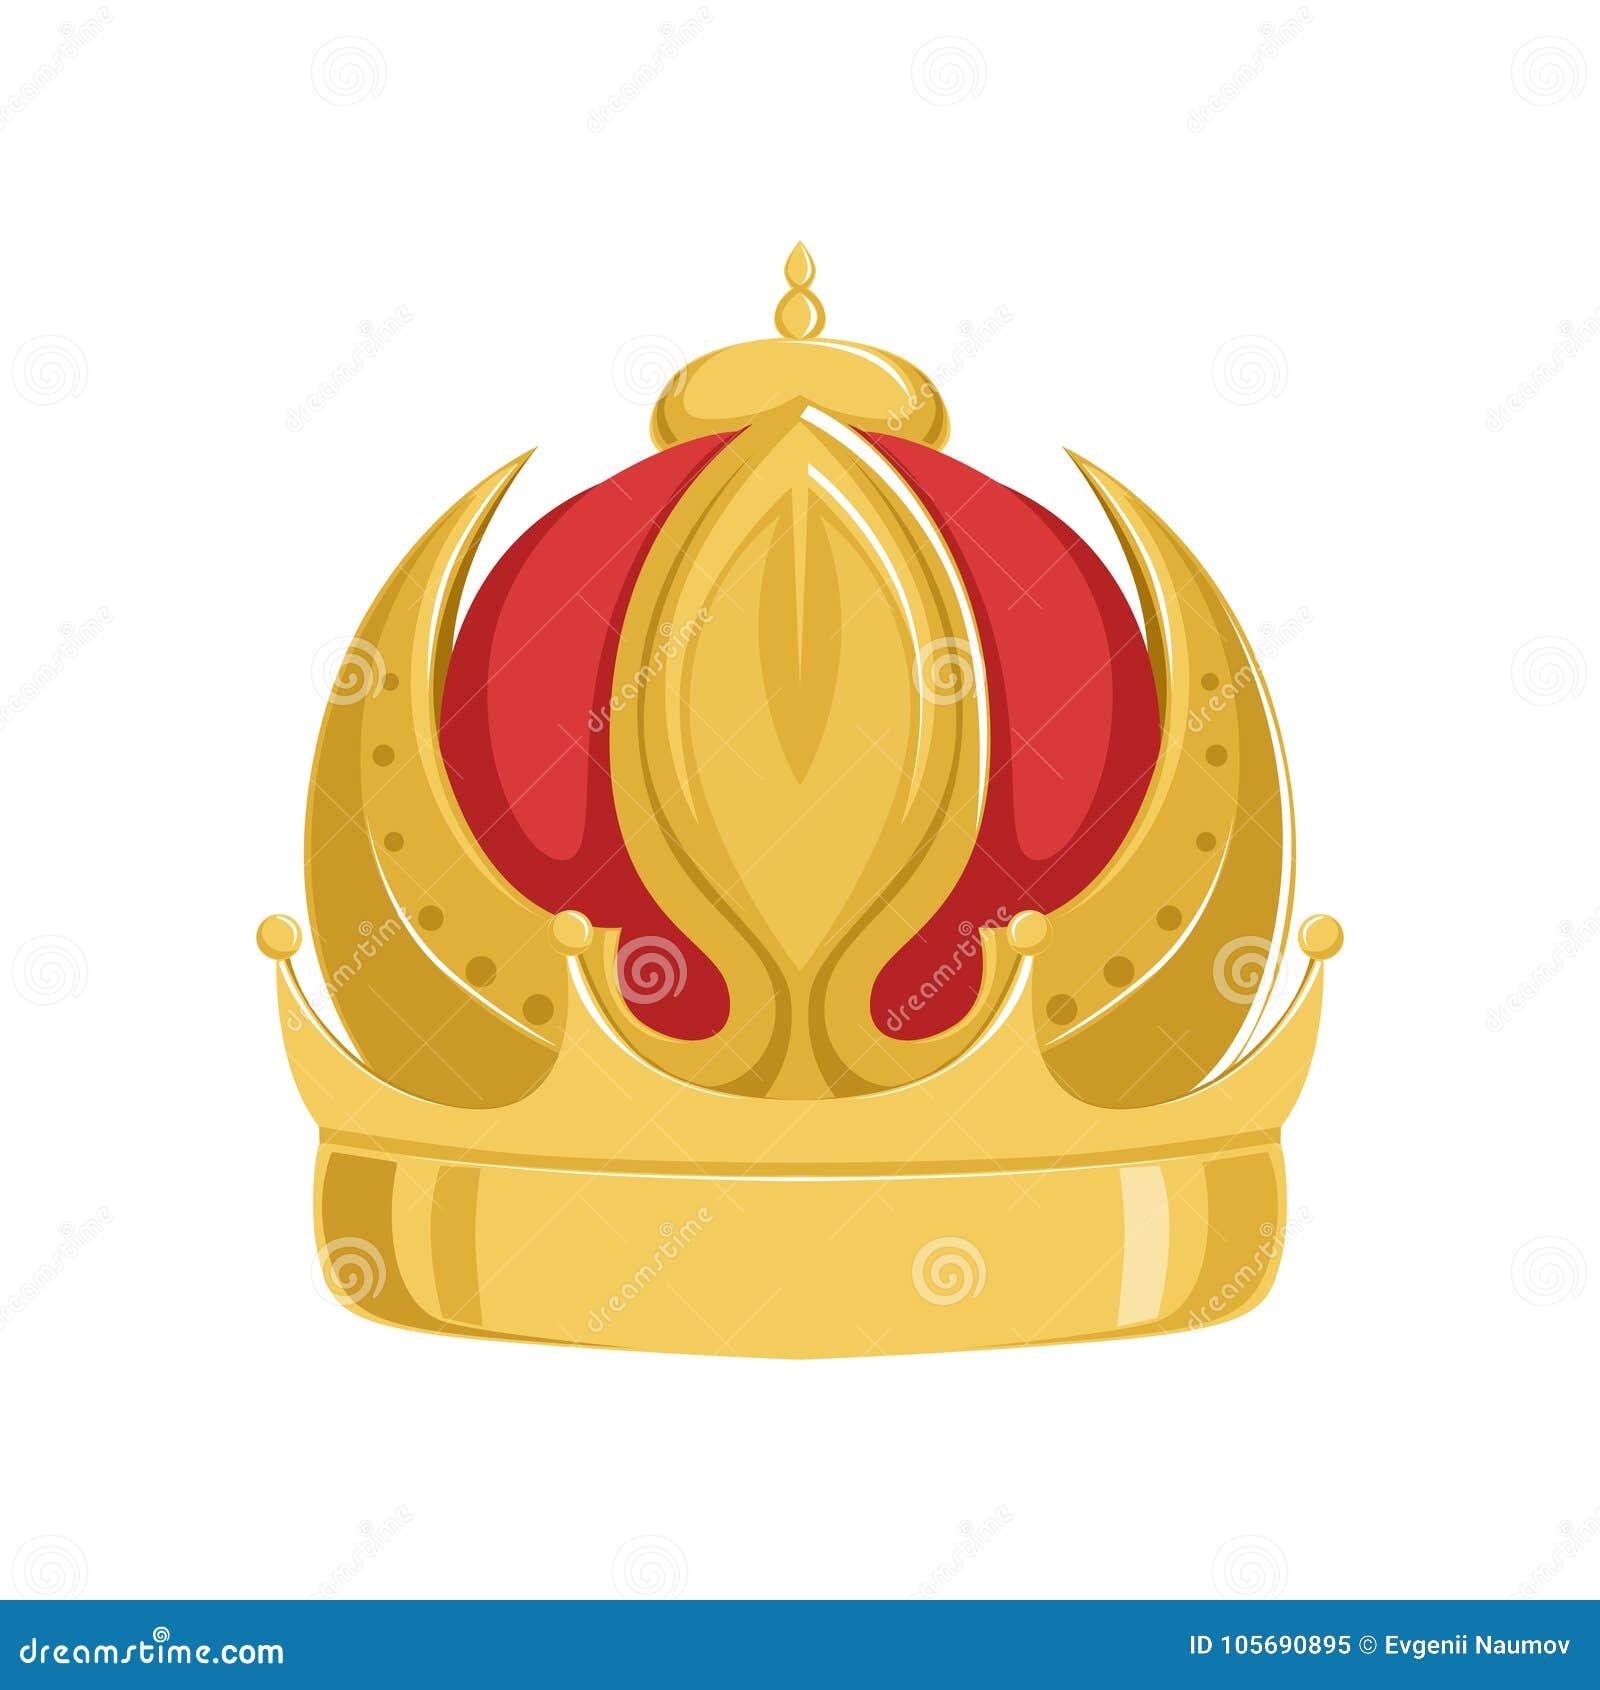 Corona antigua del emperador de oro con terciopelo rojo, ejemplo imperial heráldico clásico del vector de la muestra